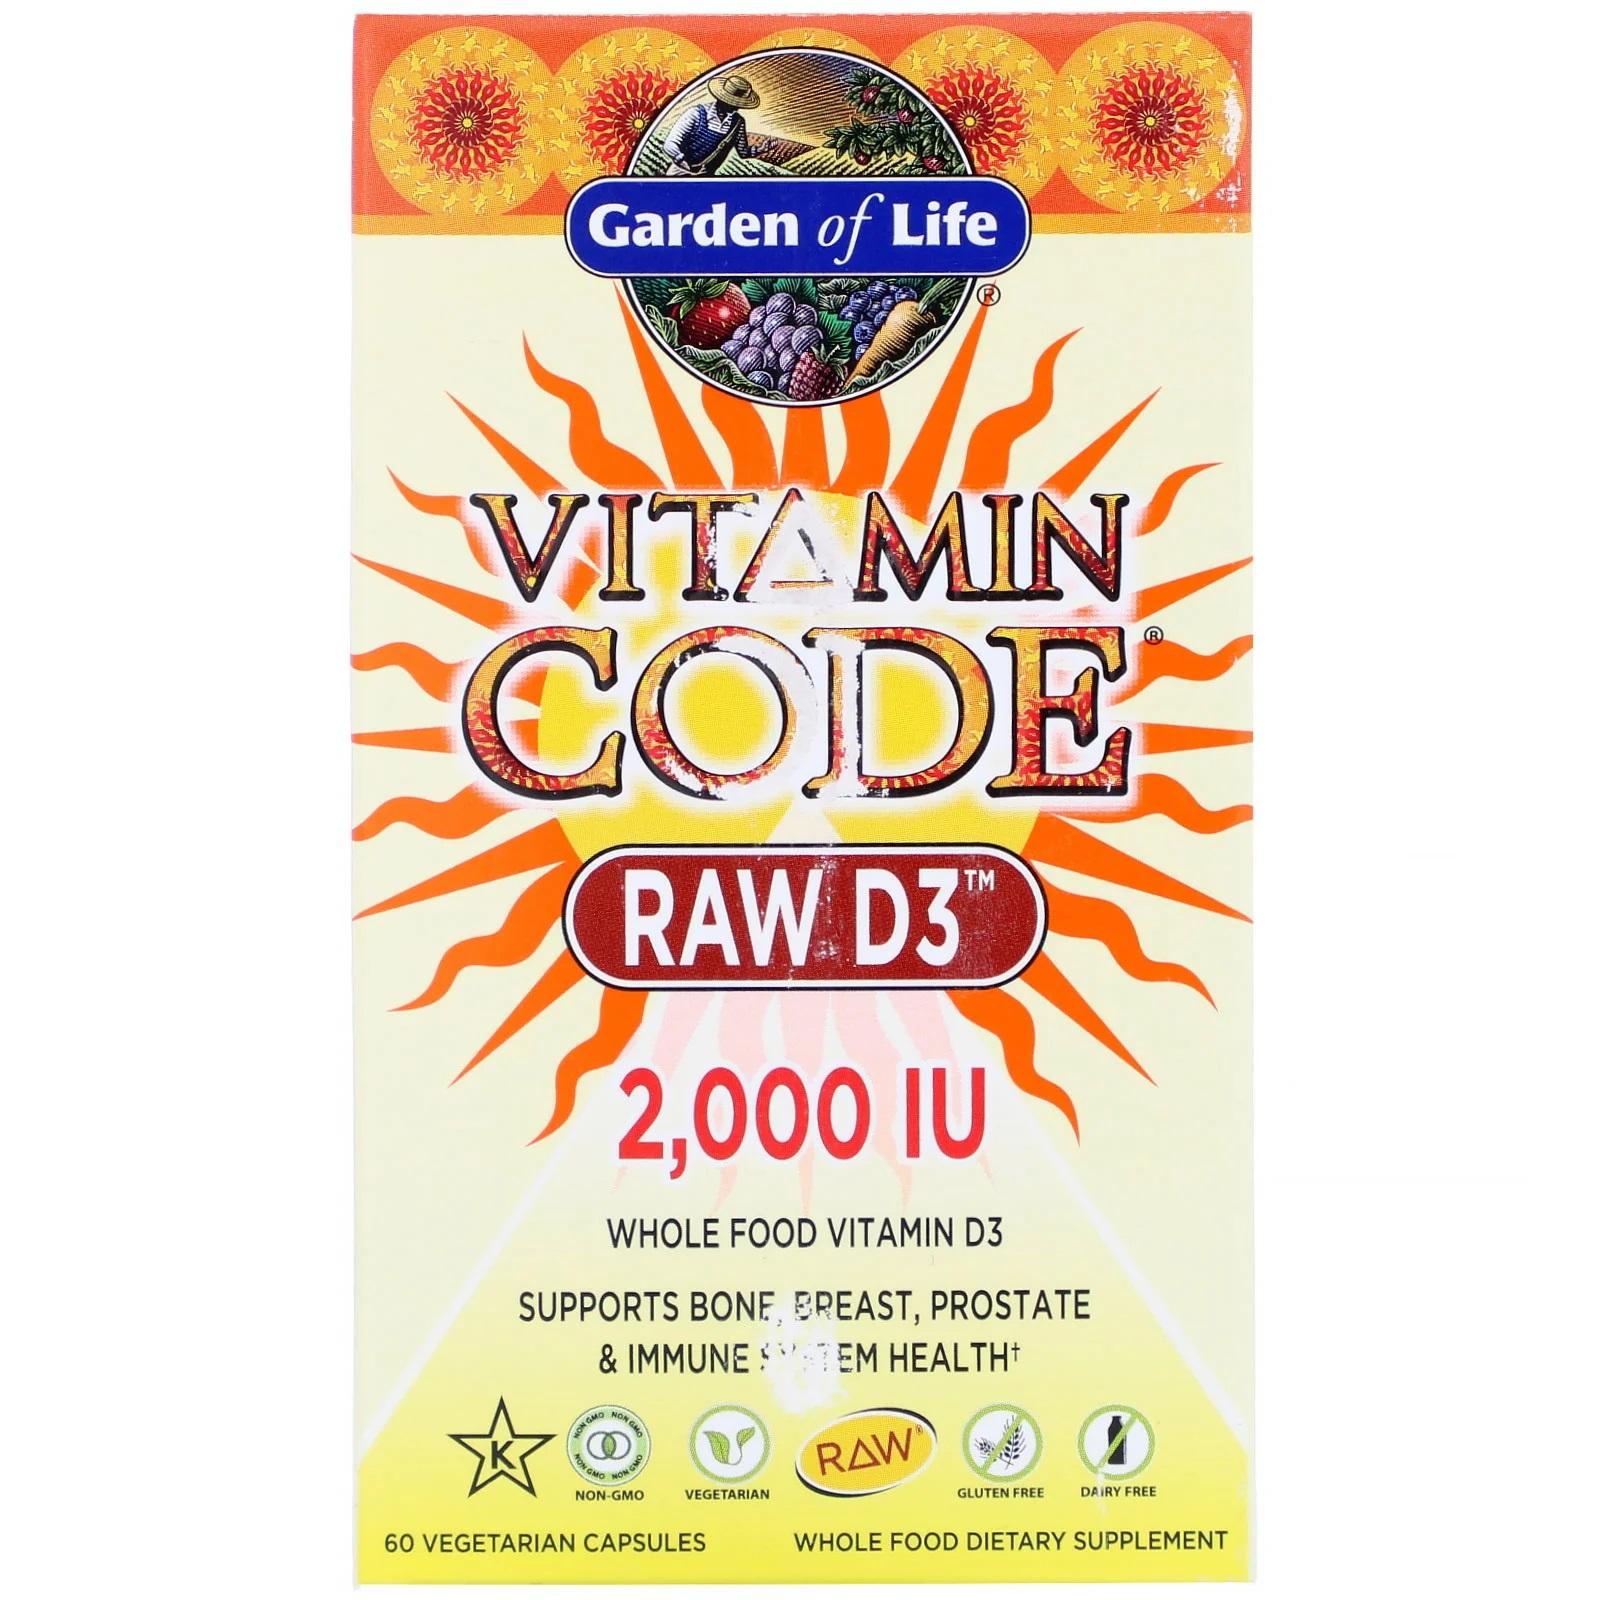 Image of Vitamin Code - Raw D3- 2.000 IU (60 Vegetarian Capsules) - Garden of Life 0658010114134